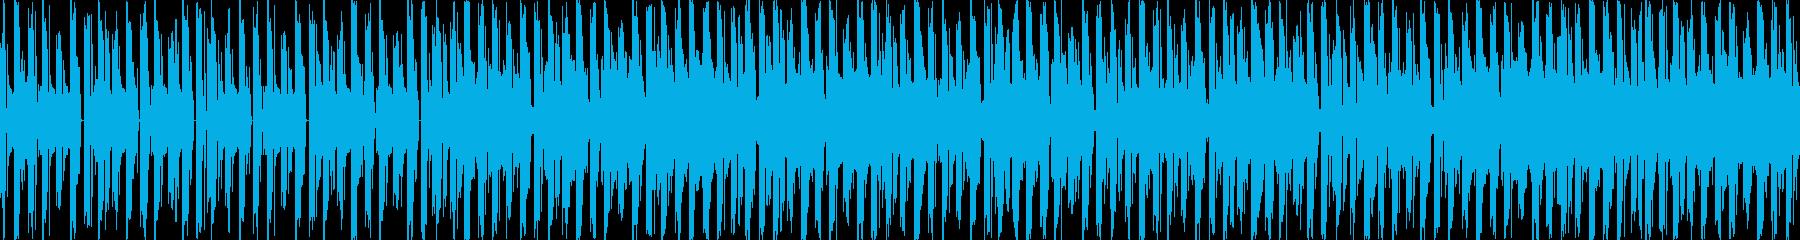 90年代シューティングゲーム風BGMの再生済みの波形